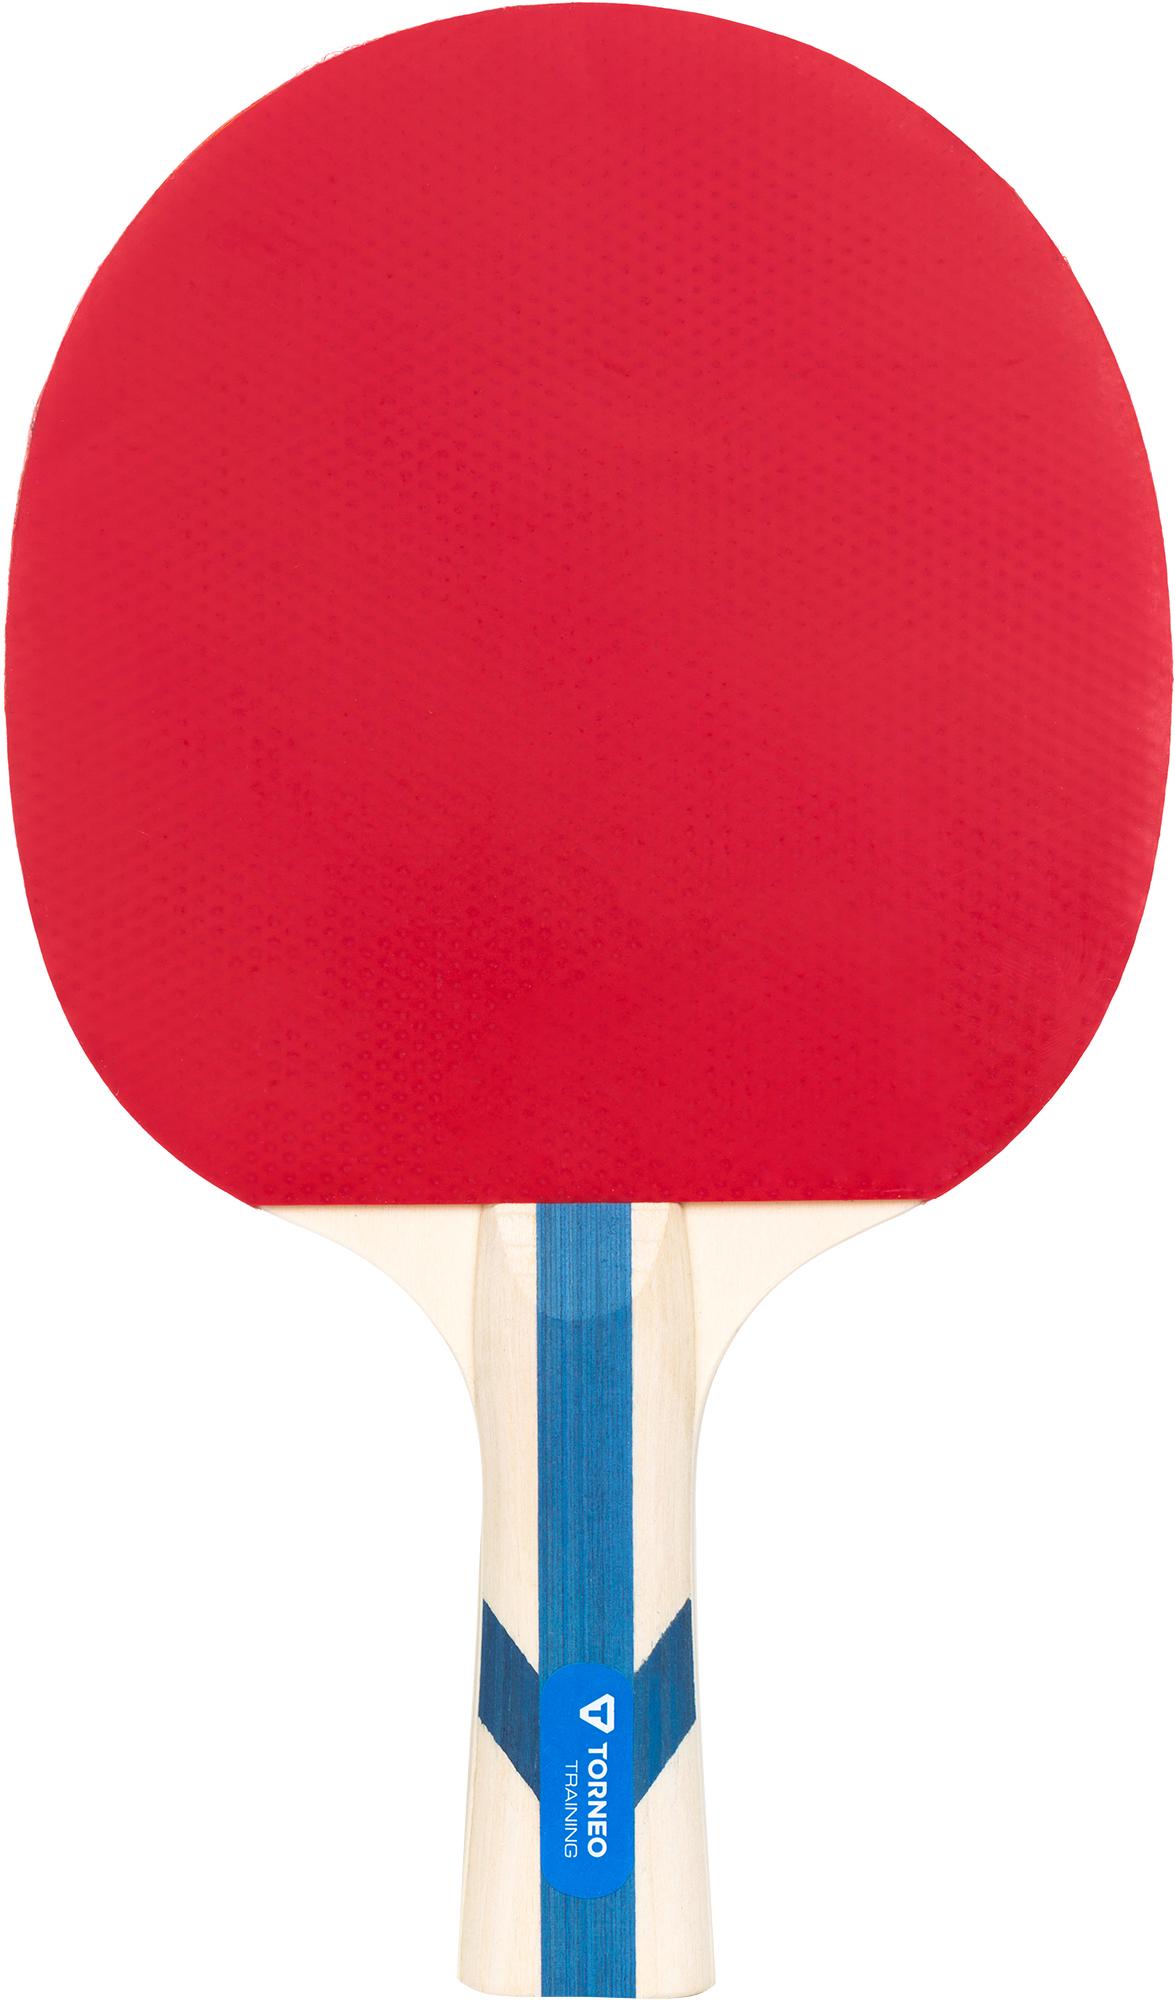 Torneo Ракетка для настольного тенниса Torneo Training, размер Без размера